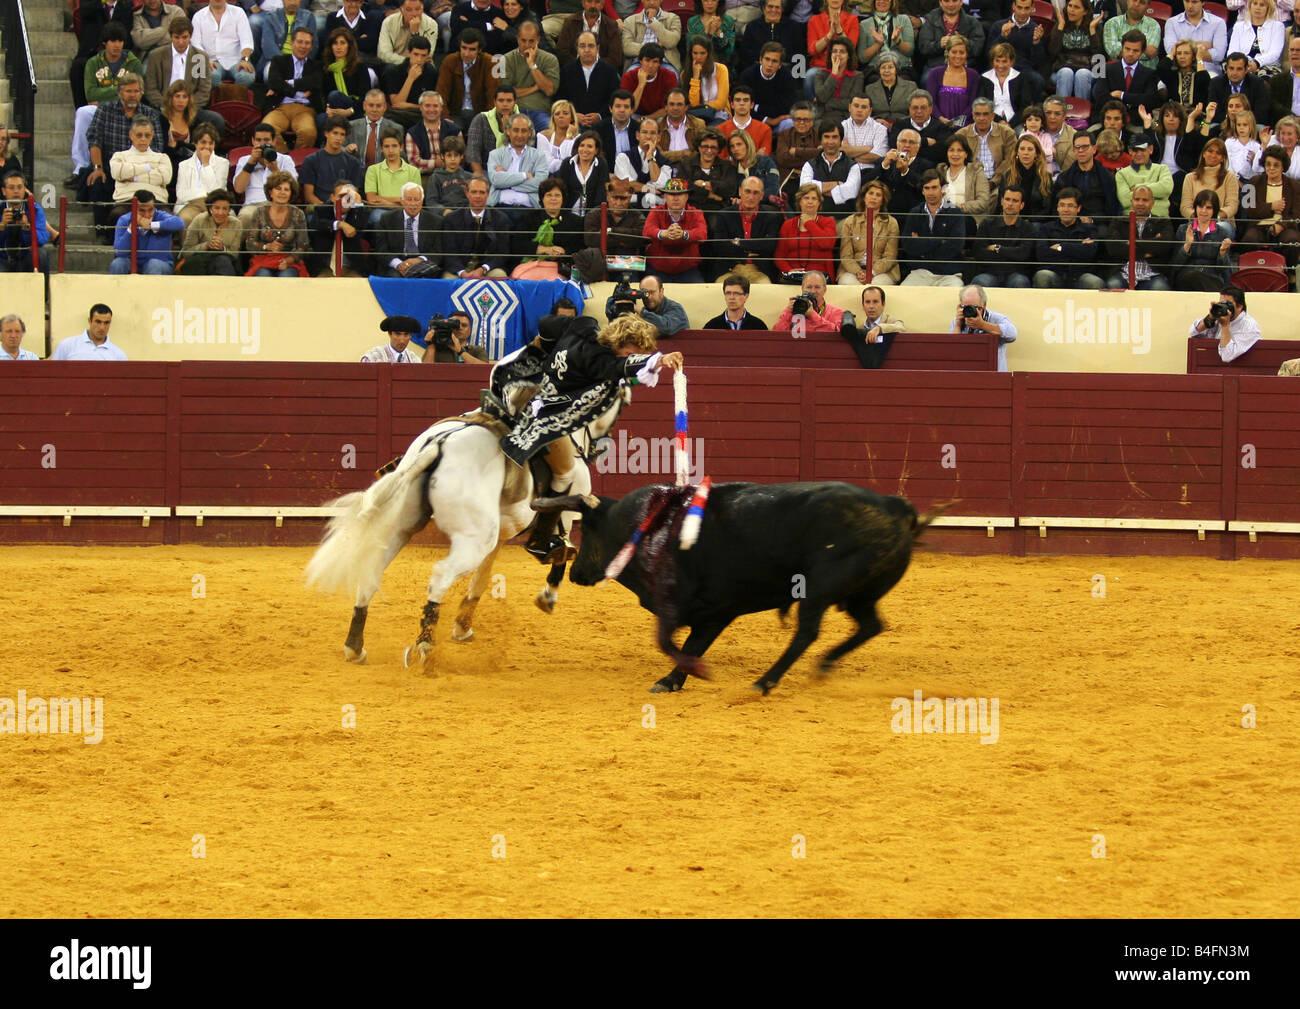 A Cavaleiro stabs the bull at Praca de Touros de Campo Pequeno - Stock Image